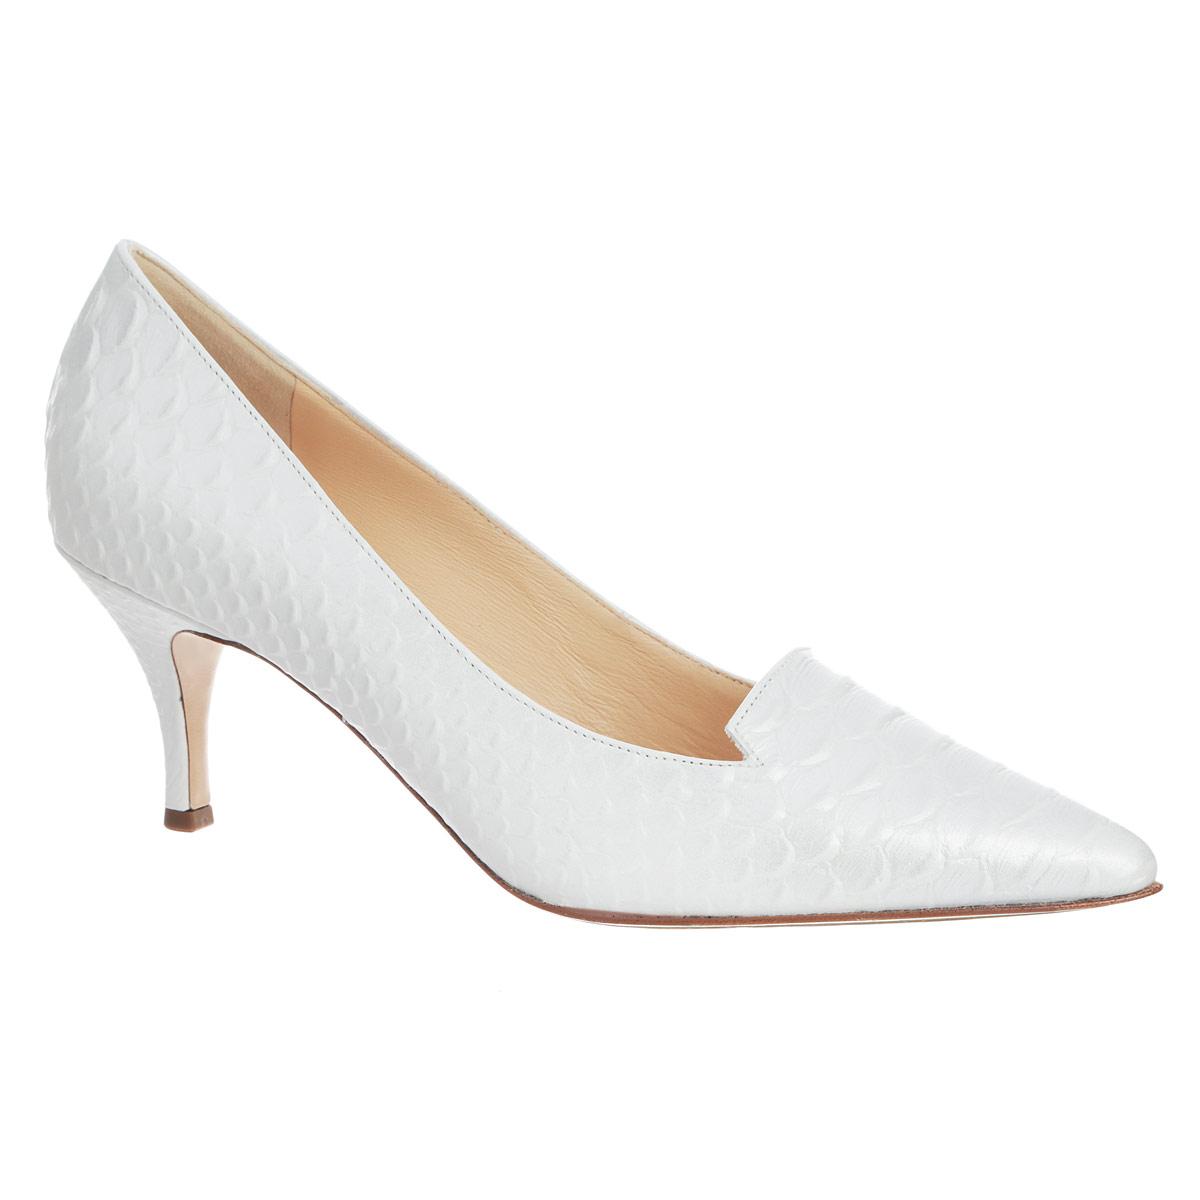 91066257600Оригинальные женские туфли от Hogl заинтересуют вас своим дизайном! Модель выполнена из натуральной высококачественной кожи и оформлена тиснением под рептилию , небольшими вырезами на подъеме. Заостренный вытянутый носок смотрится невероятно женственно. Подкладка и стелька из натуральной кожи обеспечивают максимальный комфорт при ходьбе. Невысокий каблук дополнен противоскользящим рифлением. В таких туфлях вашим ногам будет уютно и комфортно! Они эффектно дополнят ваш повседневный образ.